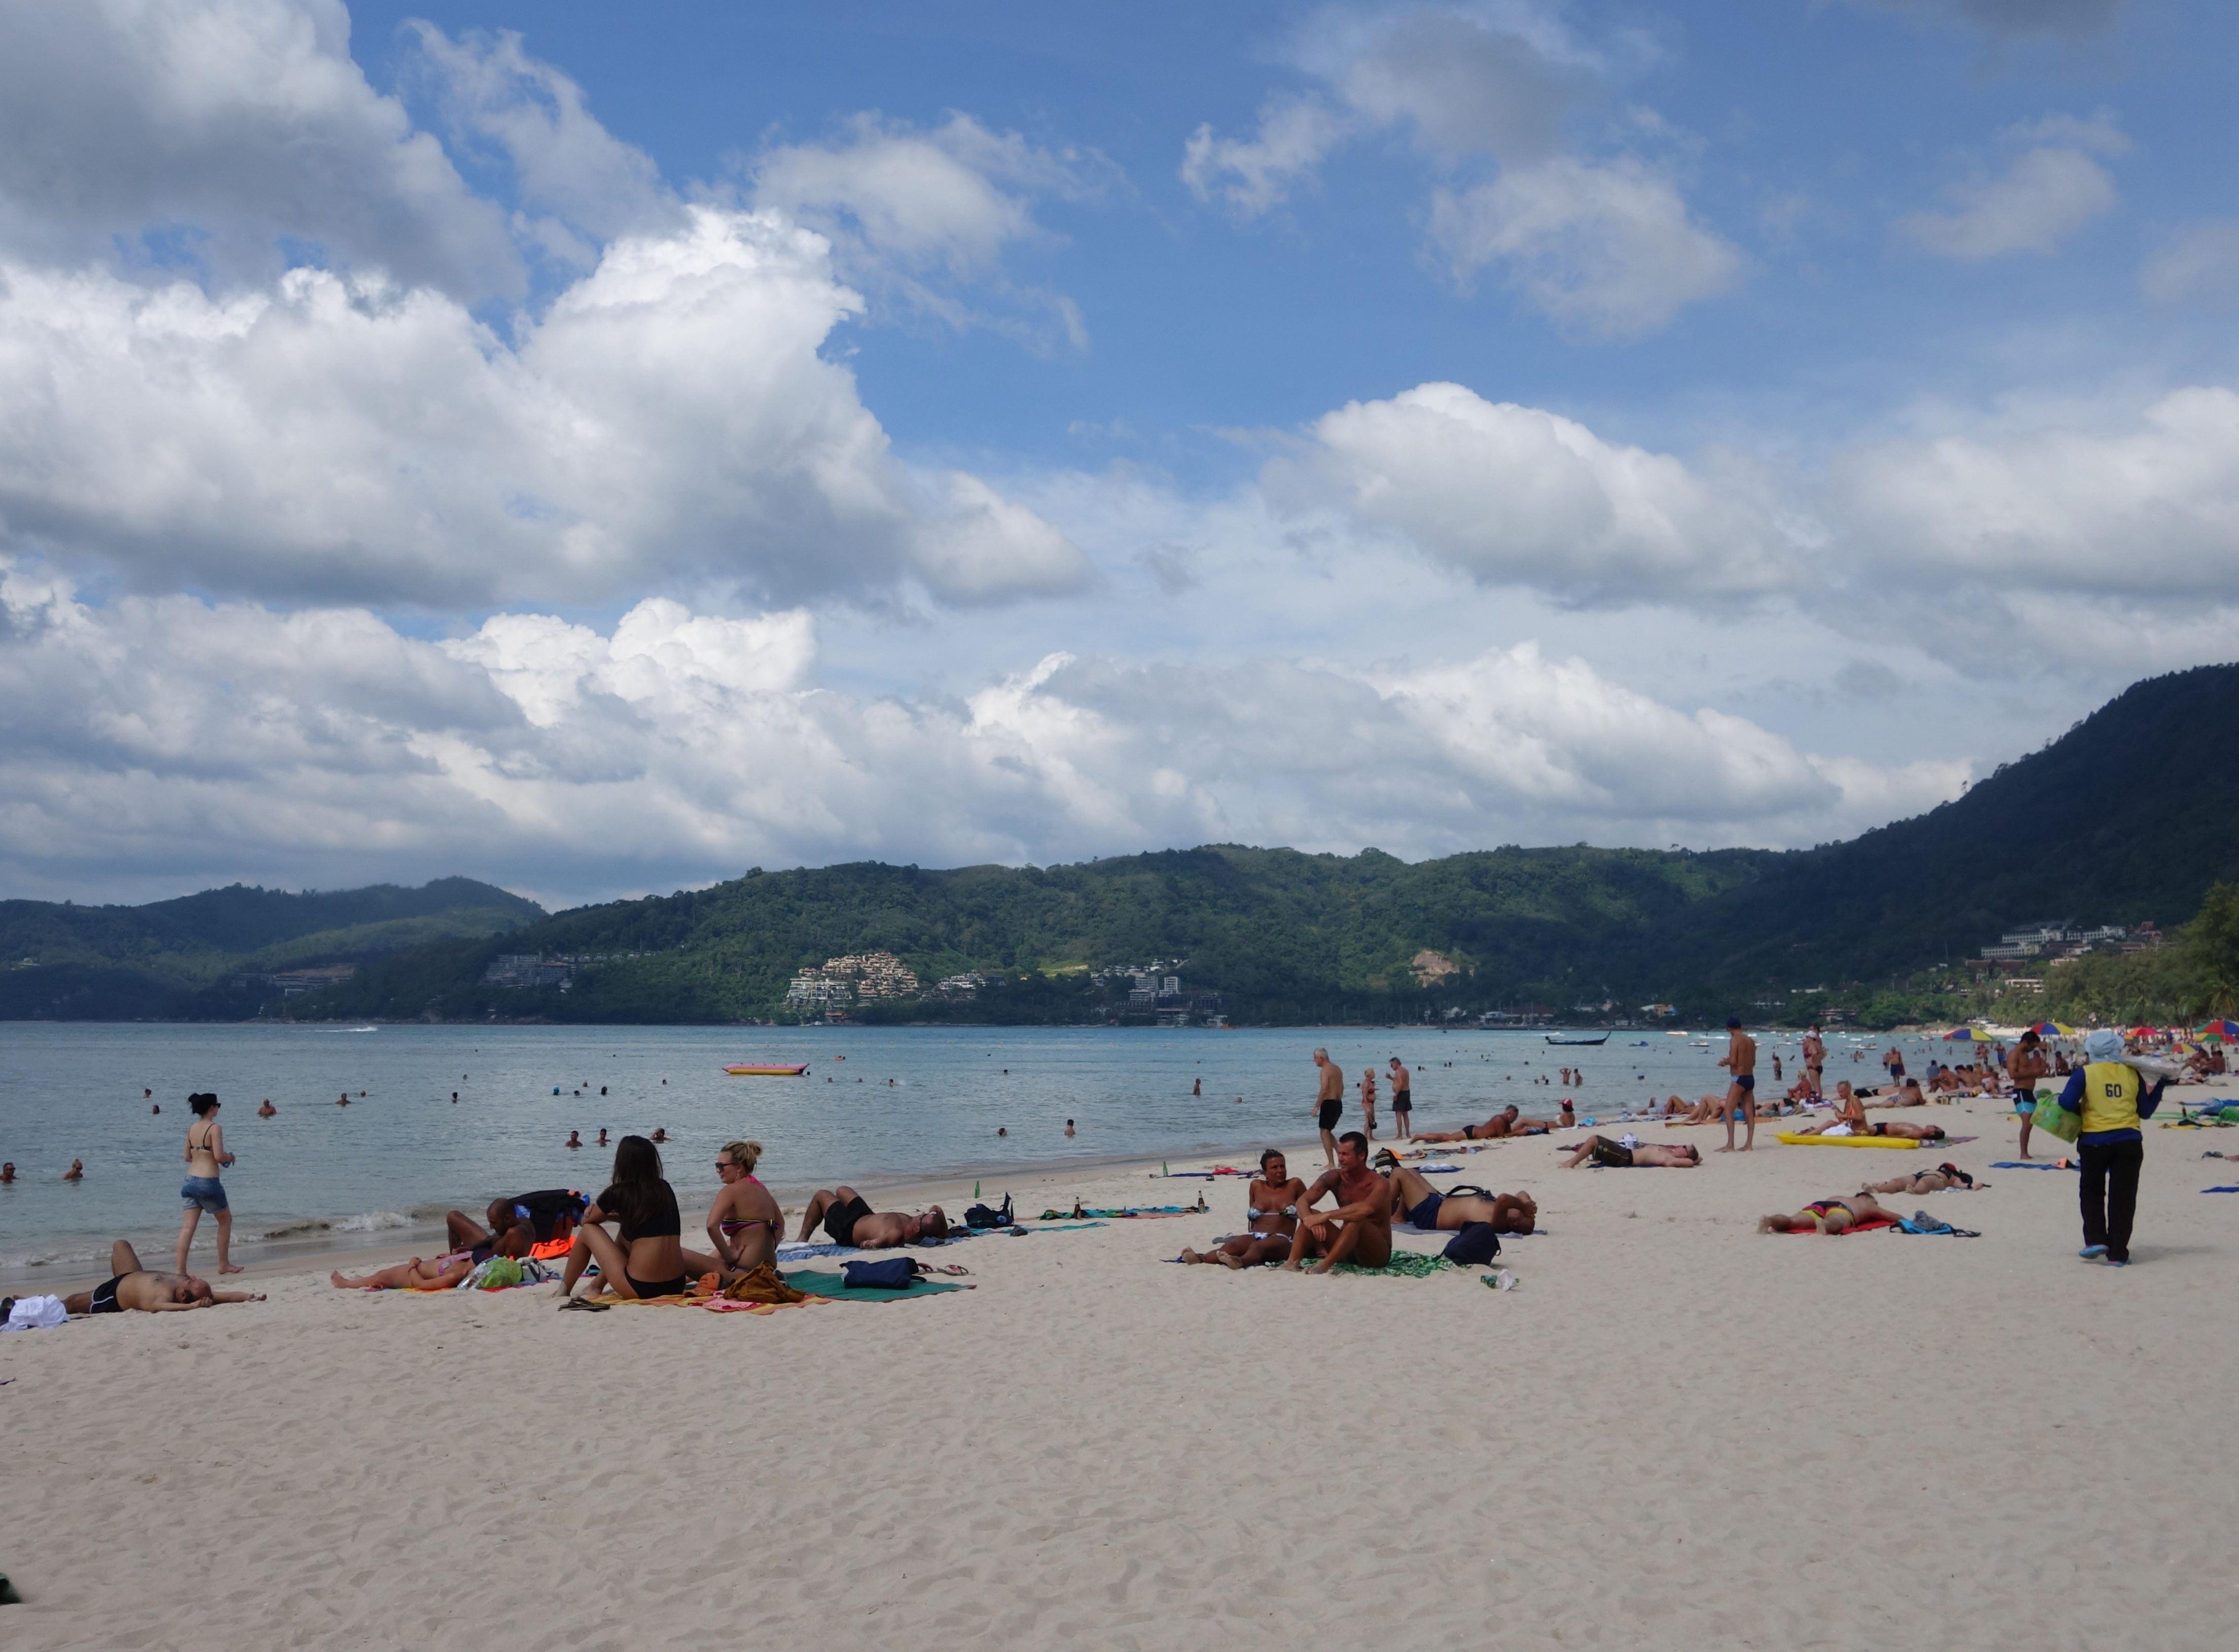 芭东海滩跟卡伦海滩真的不是一个级别